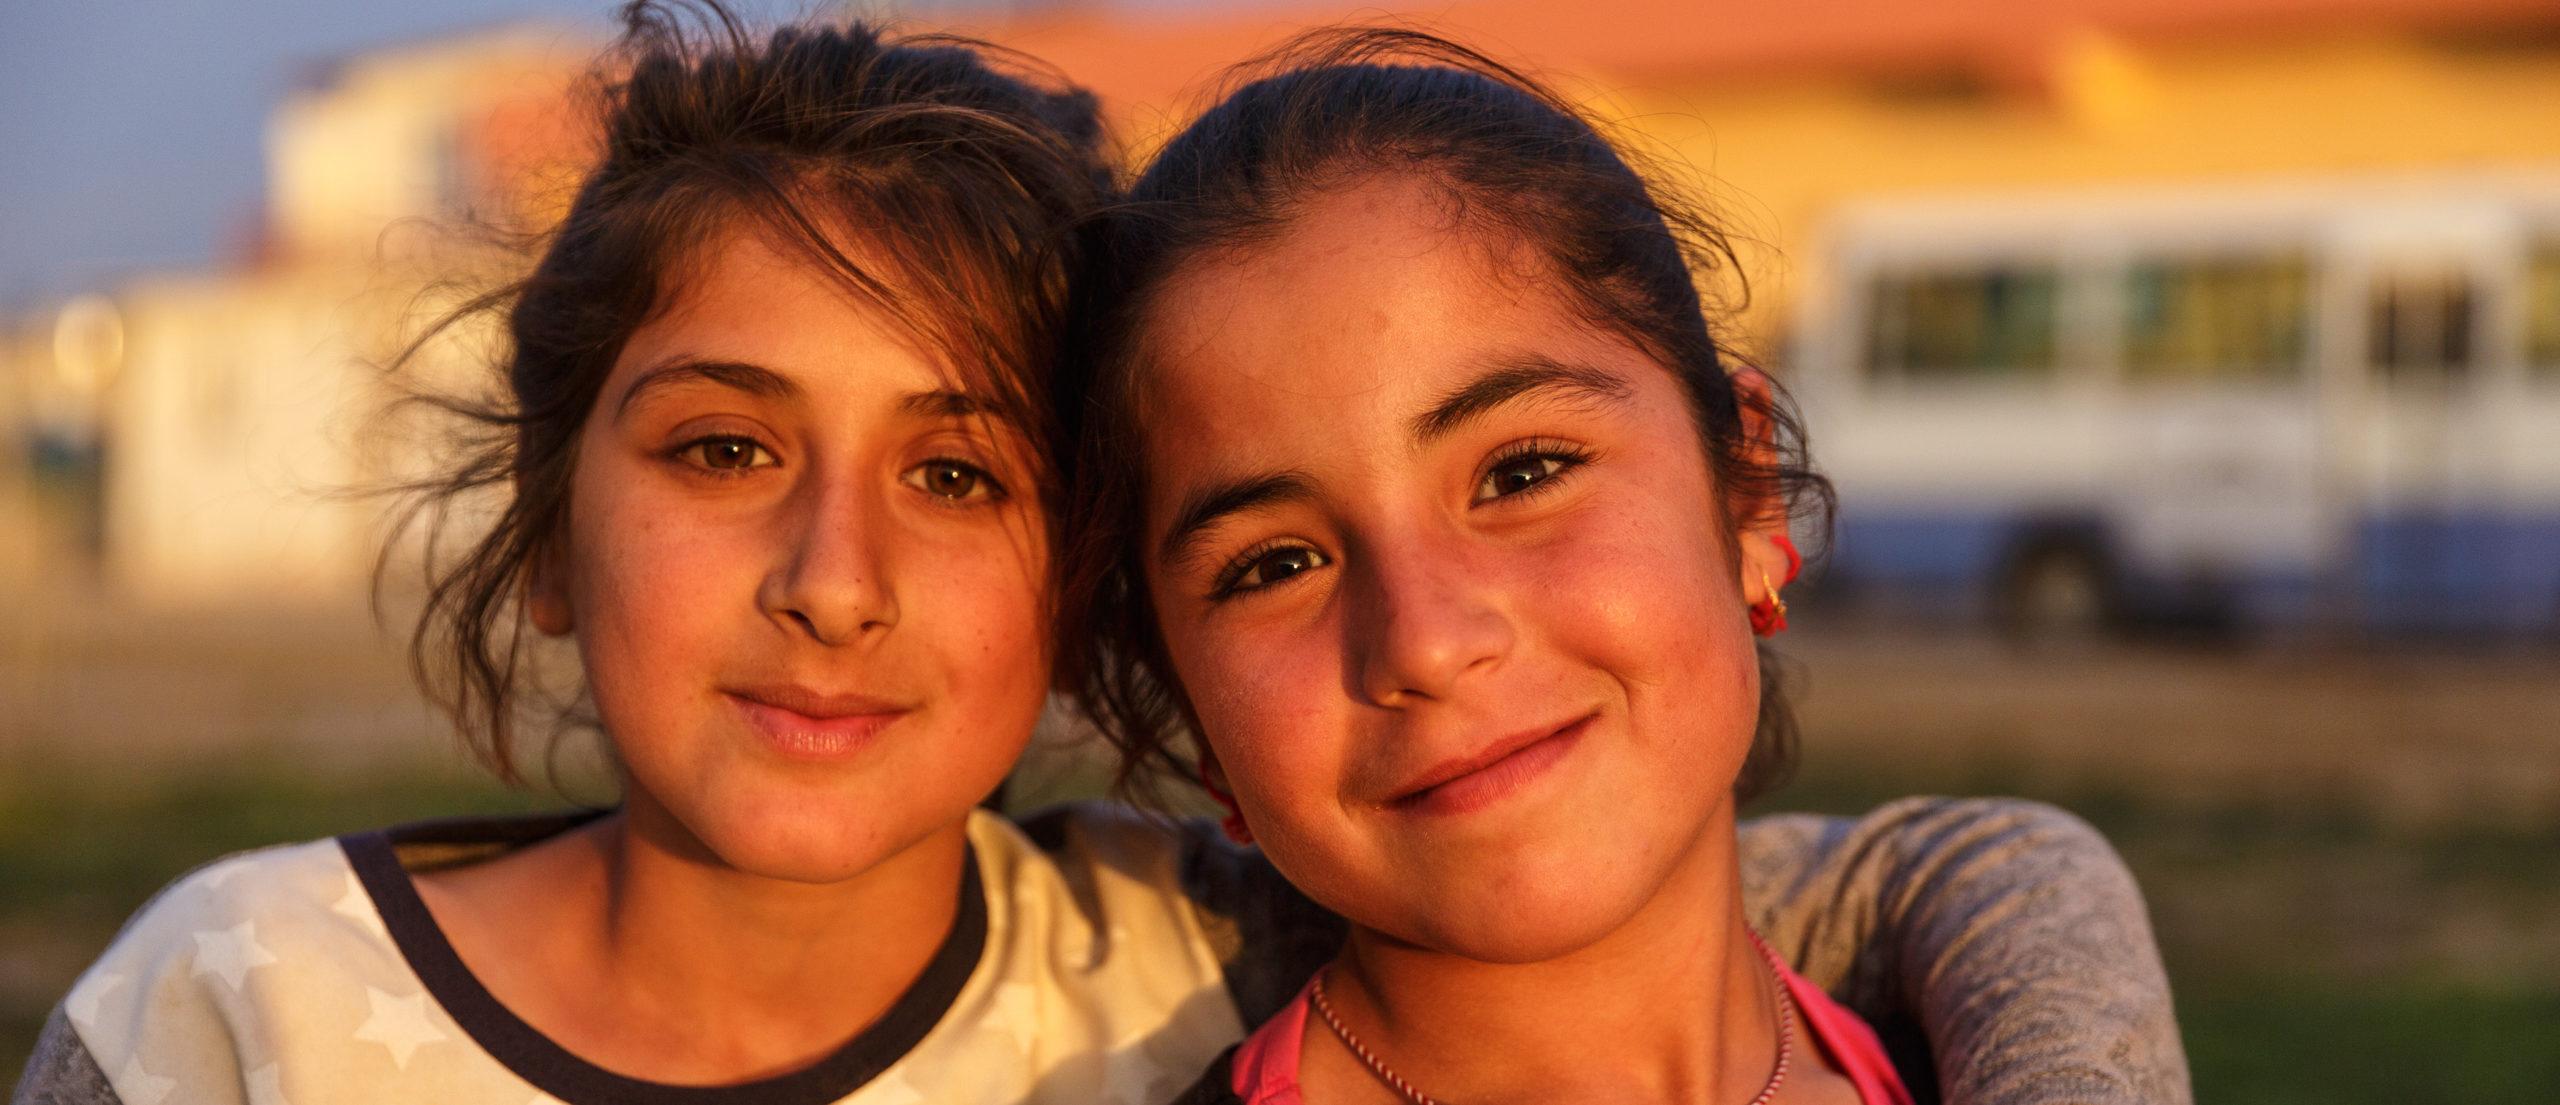 09-Irak Kopie